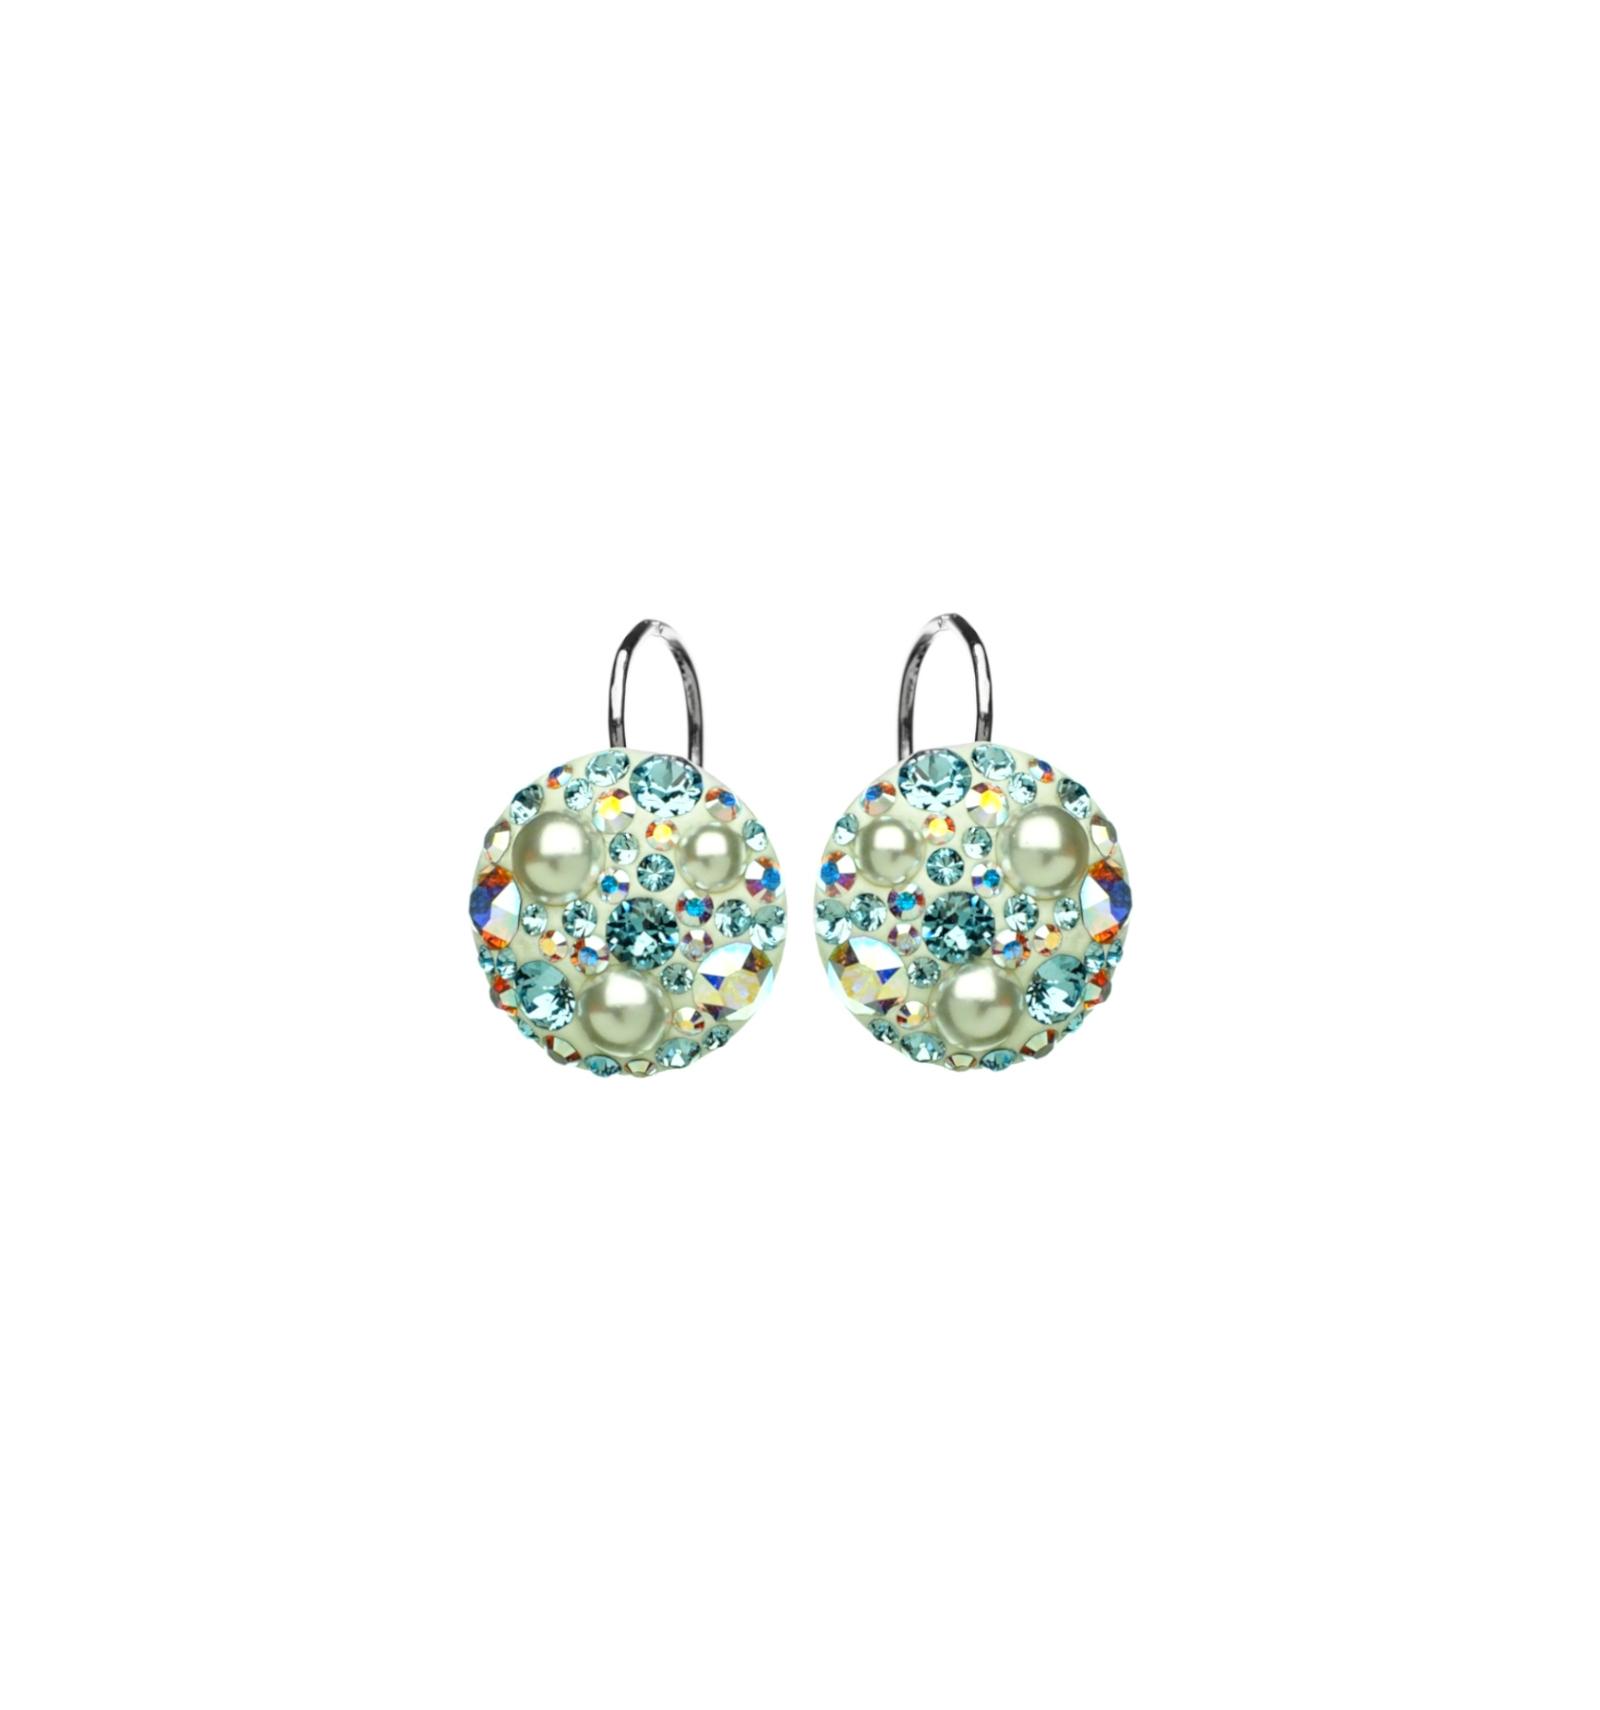 647b20672 Strieborné náušnice so Swarovski elements aqua s perlou